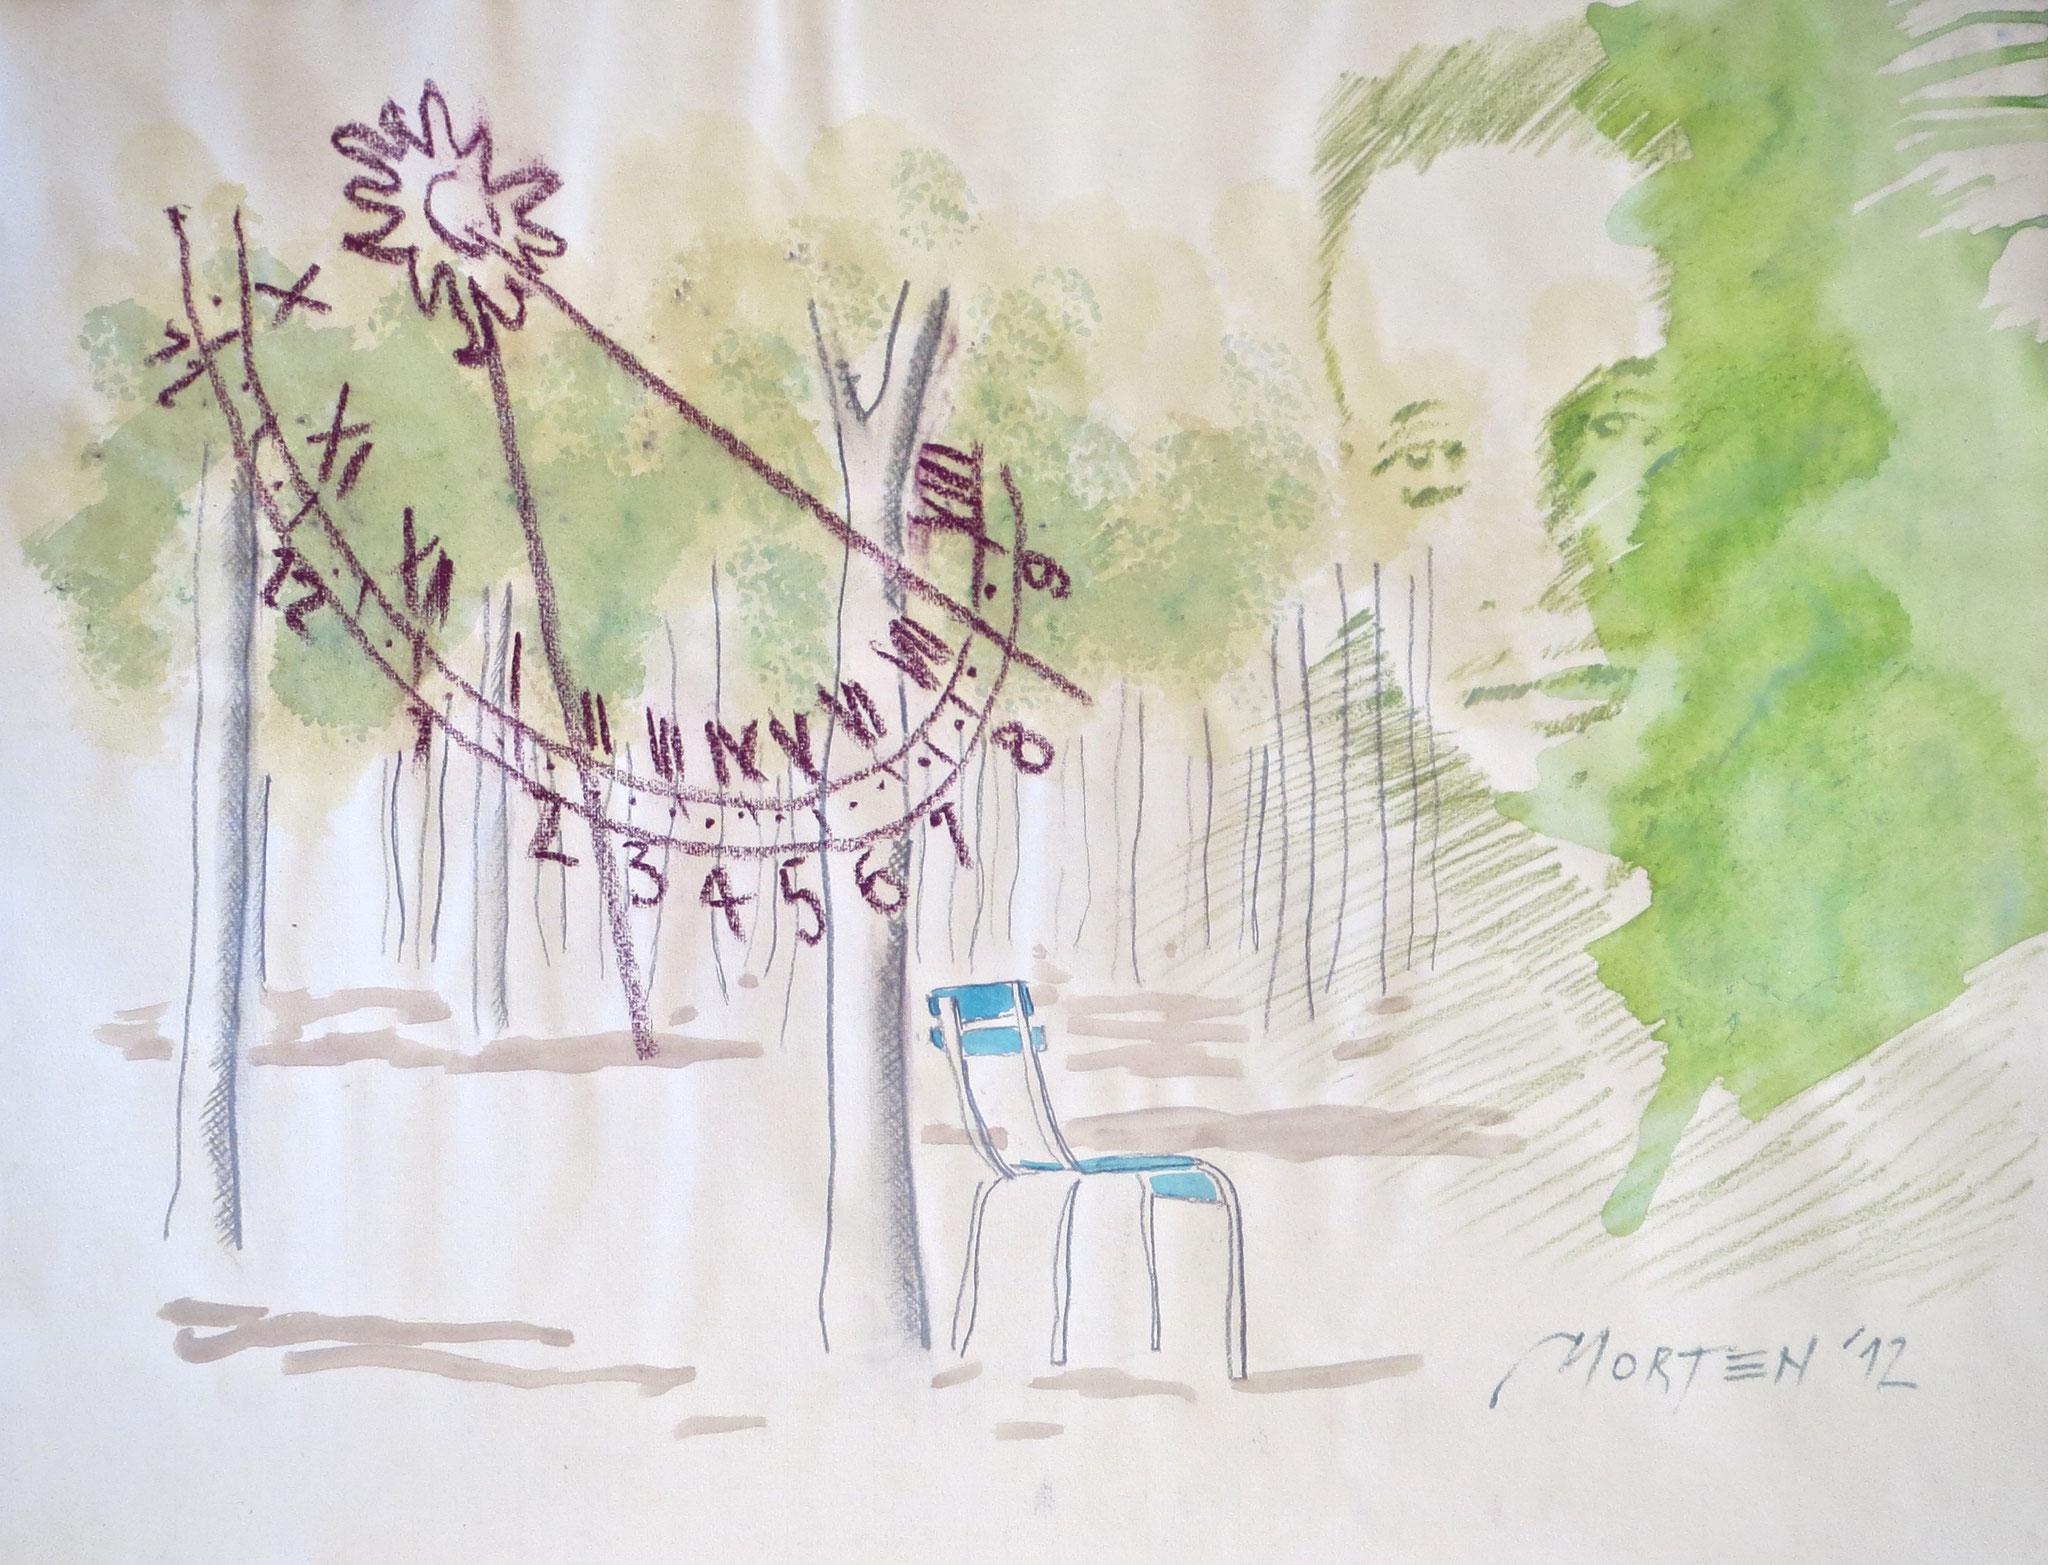 Rainer Maria Rilke: Jardin du Luxembourg, Zeichnung, 40x60cm, 2012